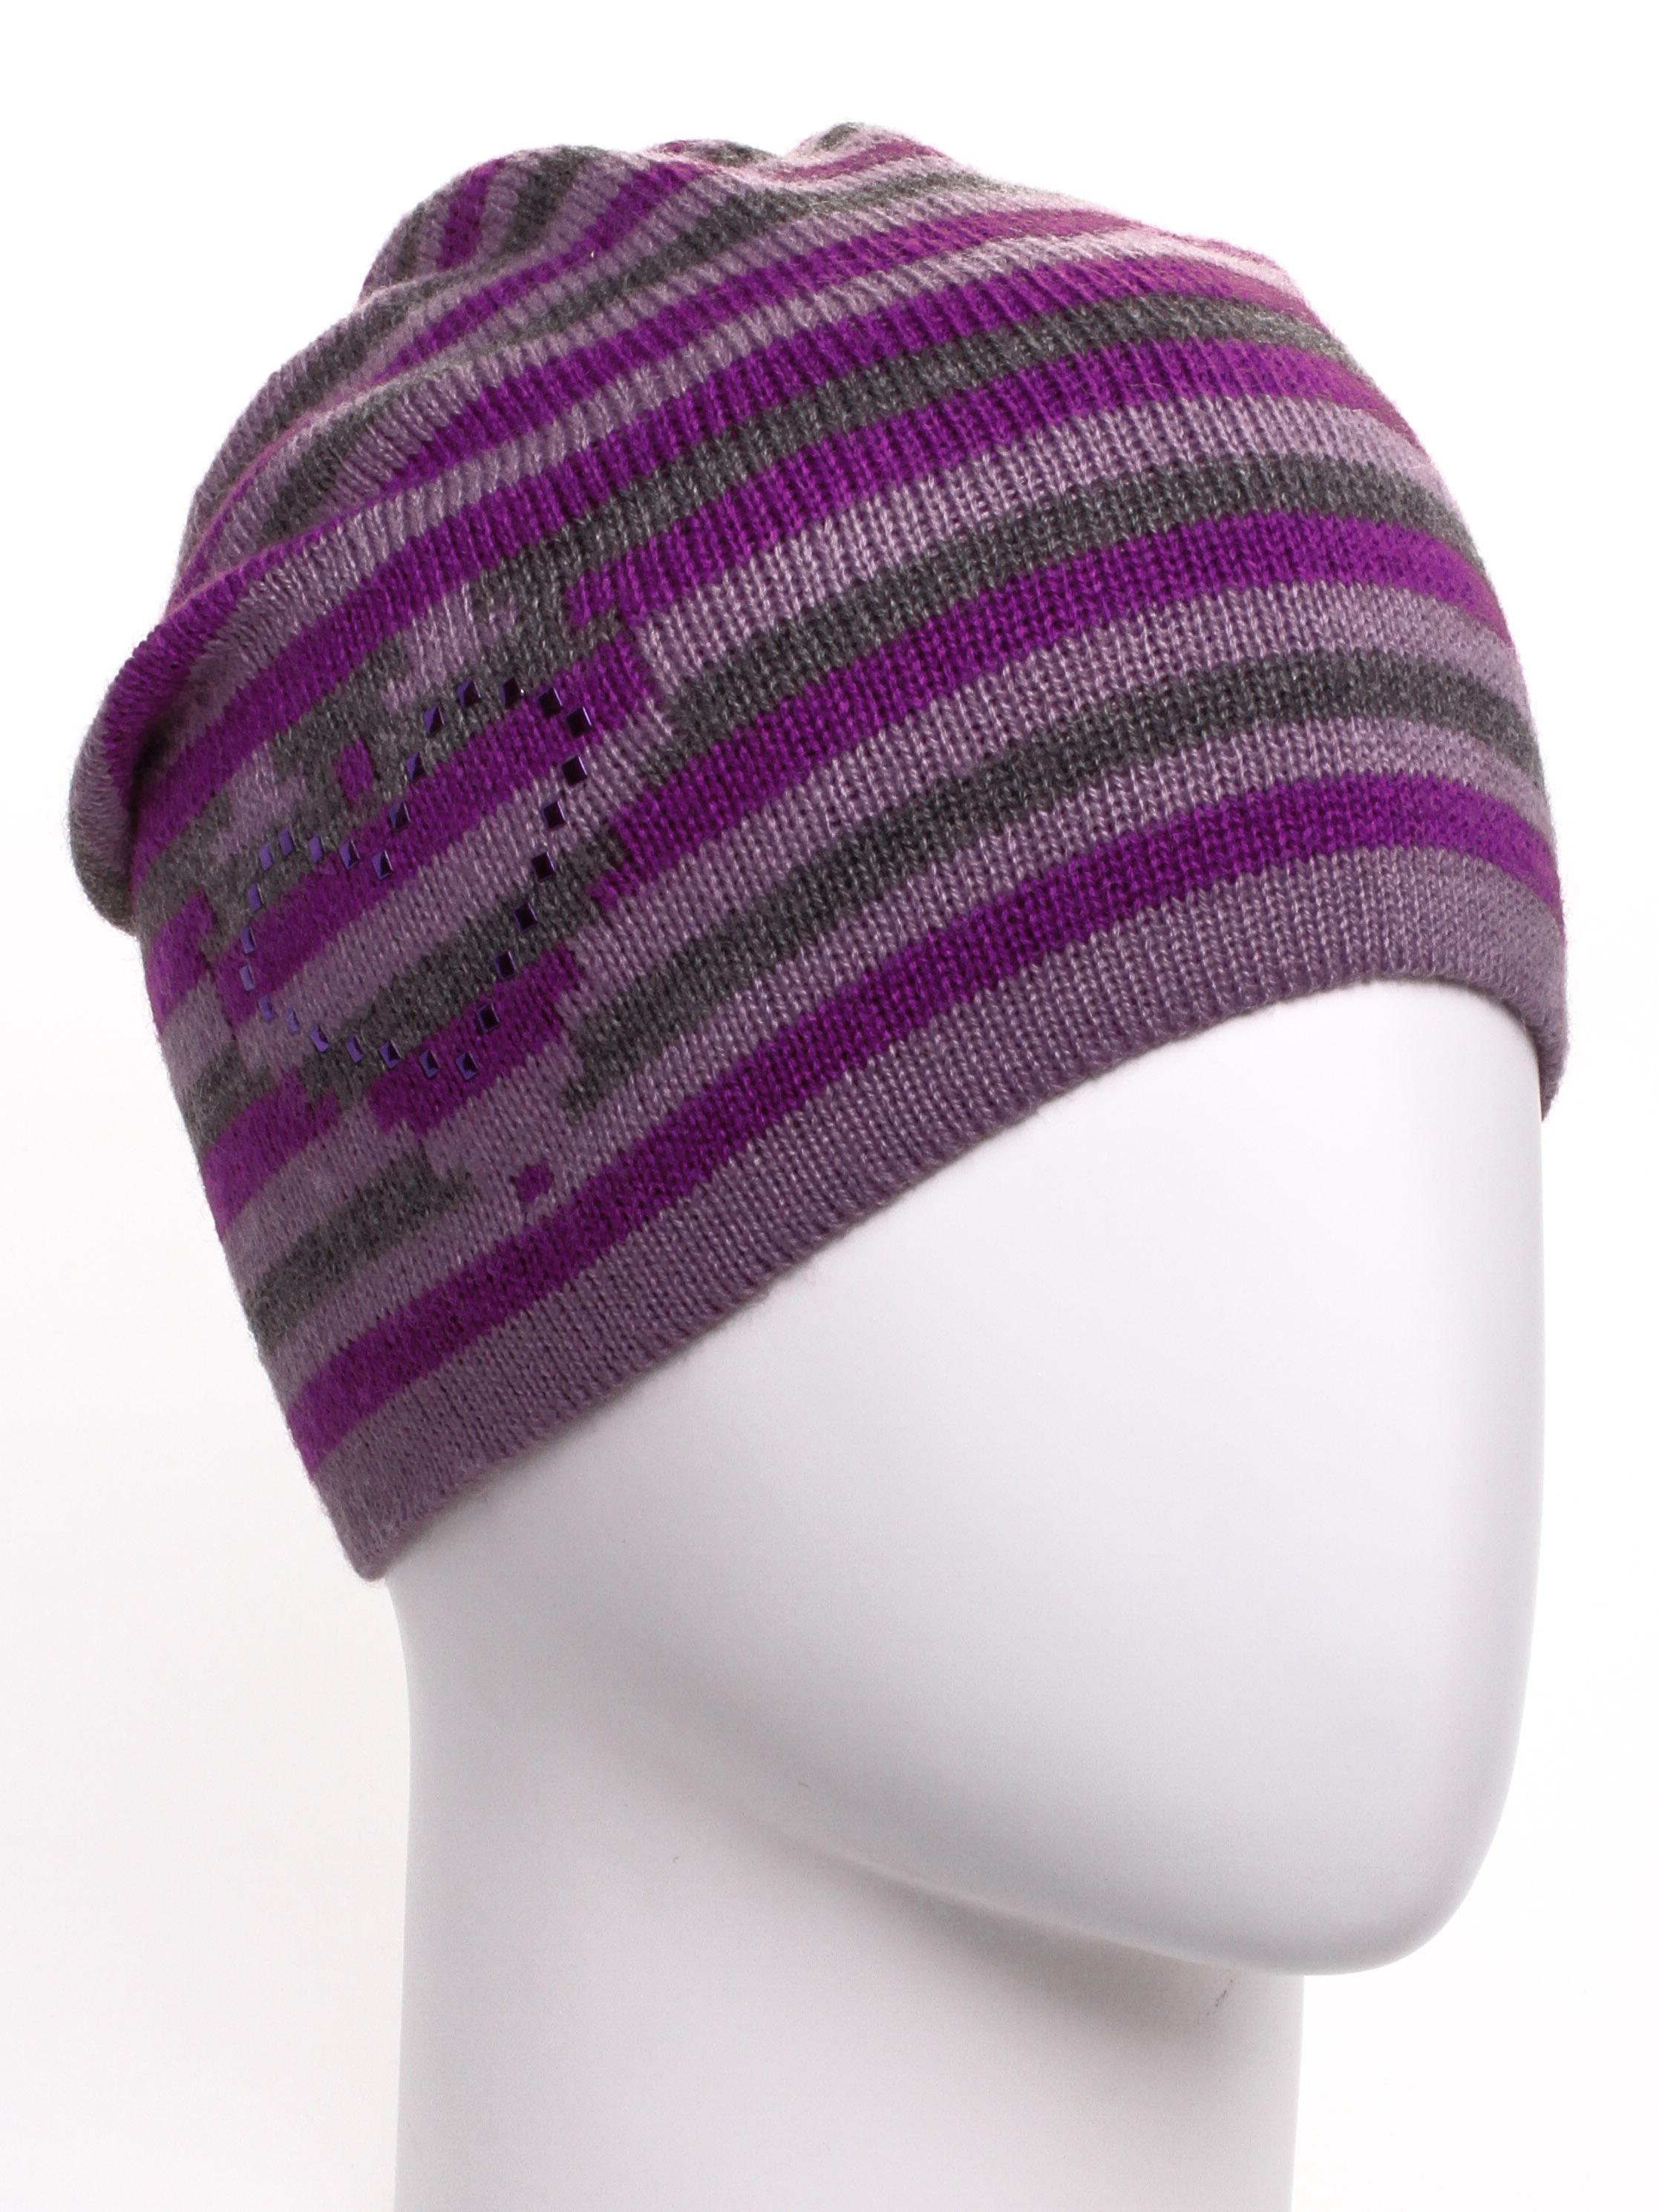 ШапкаШапки<br>Вязаная шапка подарит Вам тепло и комфорт.  Стильный аксессуар подчеркнет Вашу женственность и станет прекрасным дополнением Вашего образа.  В изделии использованы цвета: сиреневый, фиолетовый, серый<br><br>По материалу: Вязаные,Трикотаж<br>По рисунку: В полоску,С принтом,Цветные<br>По элементам: С декором<br>По сезону: Осень,Весна<br>Размер : universal<br>Материал: Вязаное полотно<br>Количество в наличии: 1